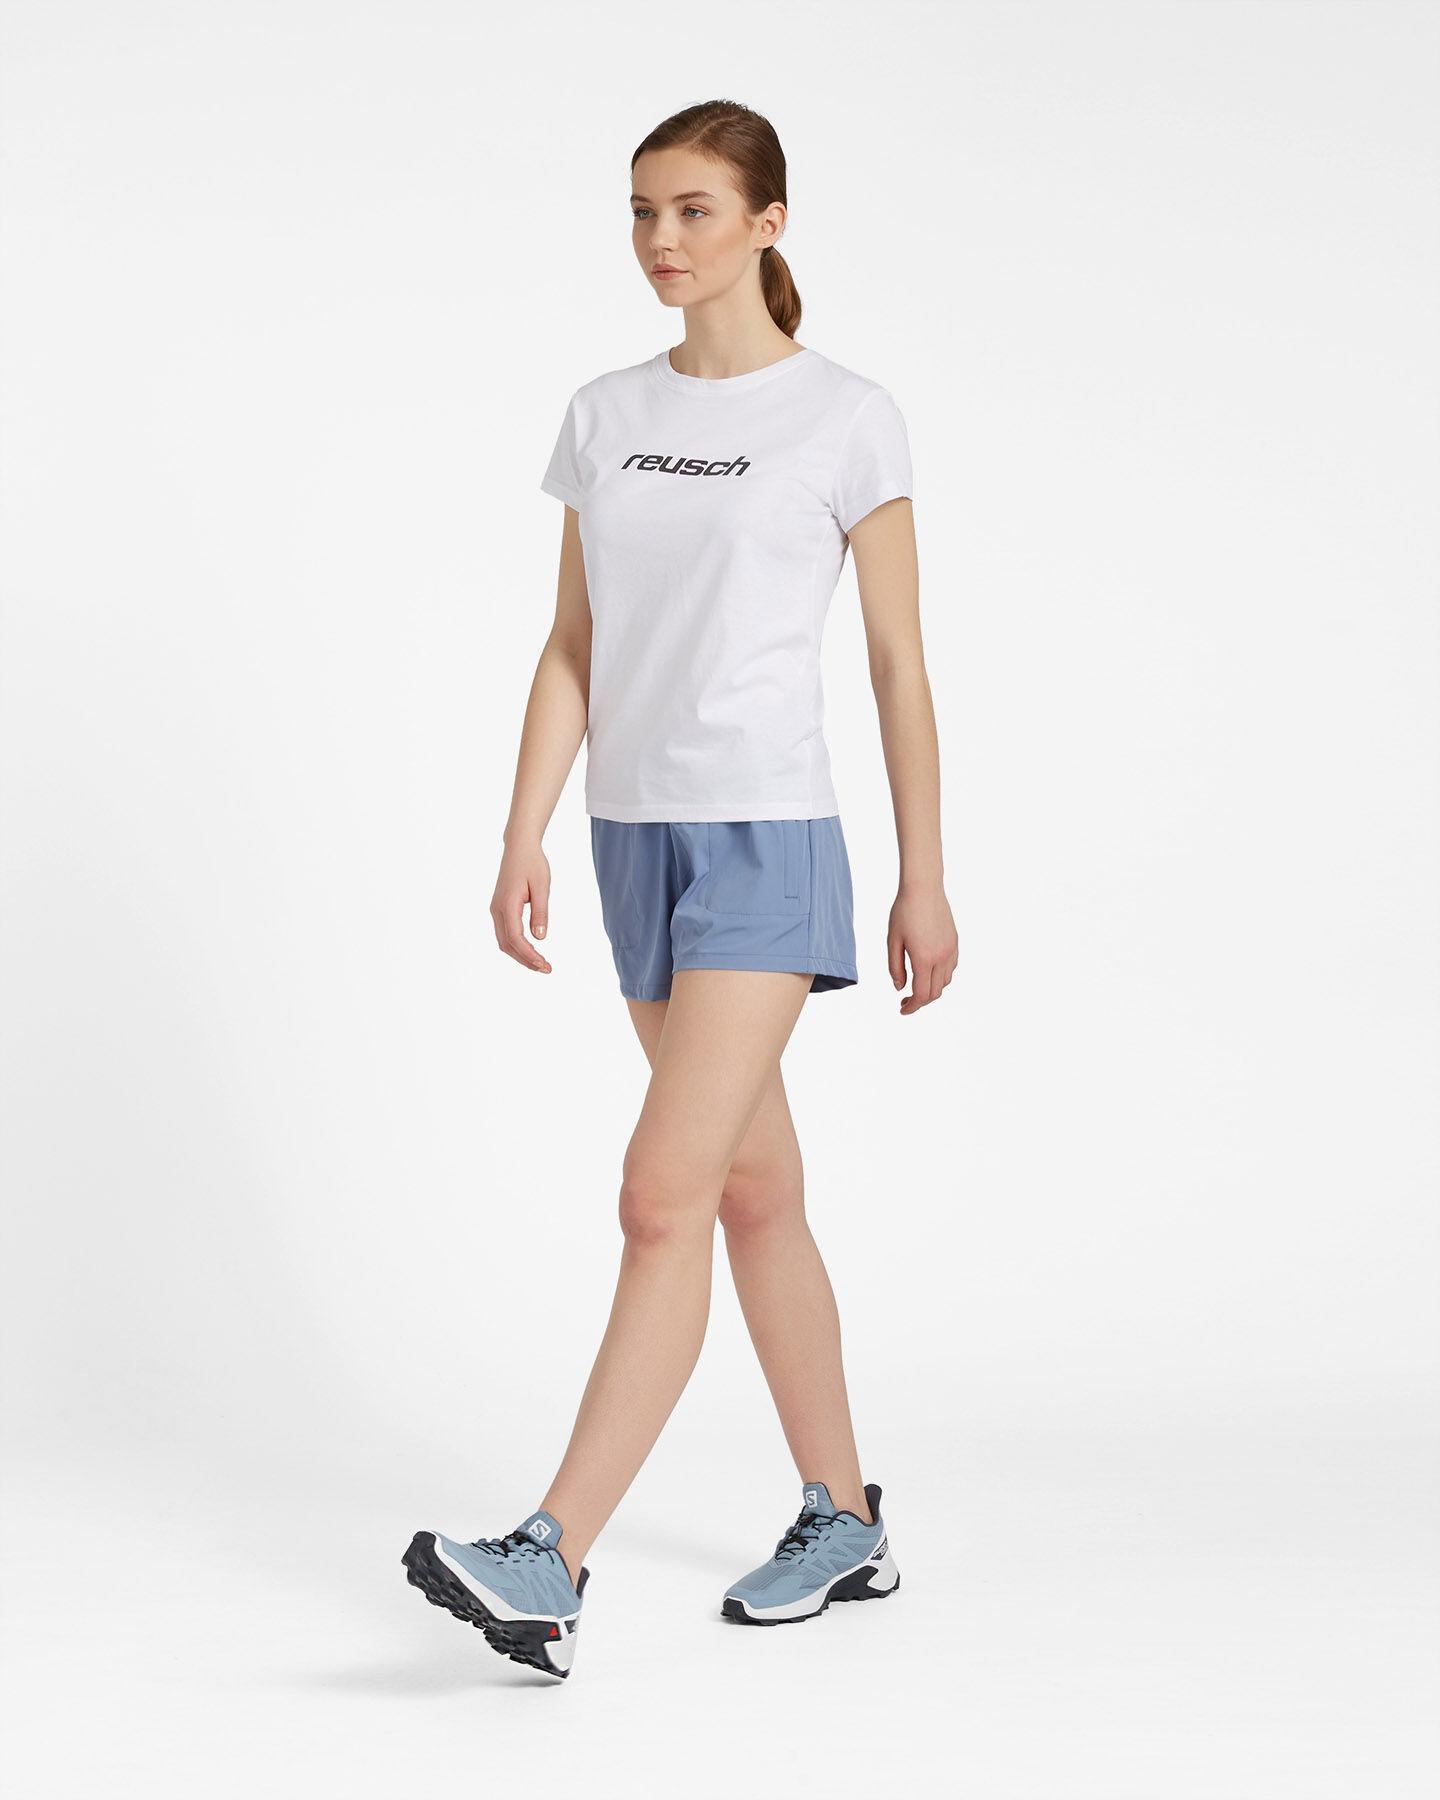 T-Shirt REUSCH LOGO W S4087258 scatto 3